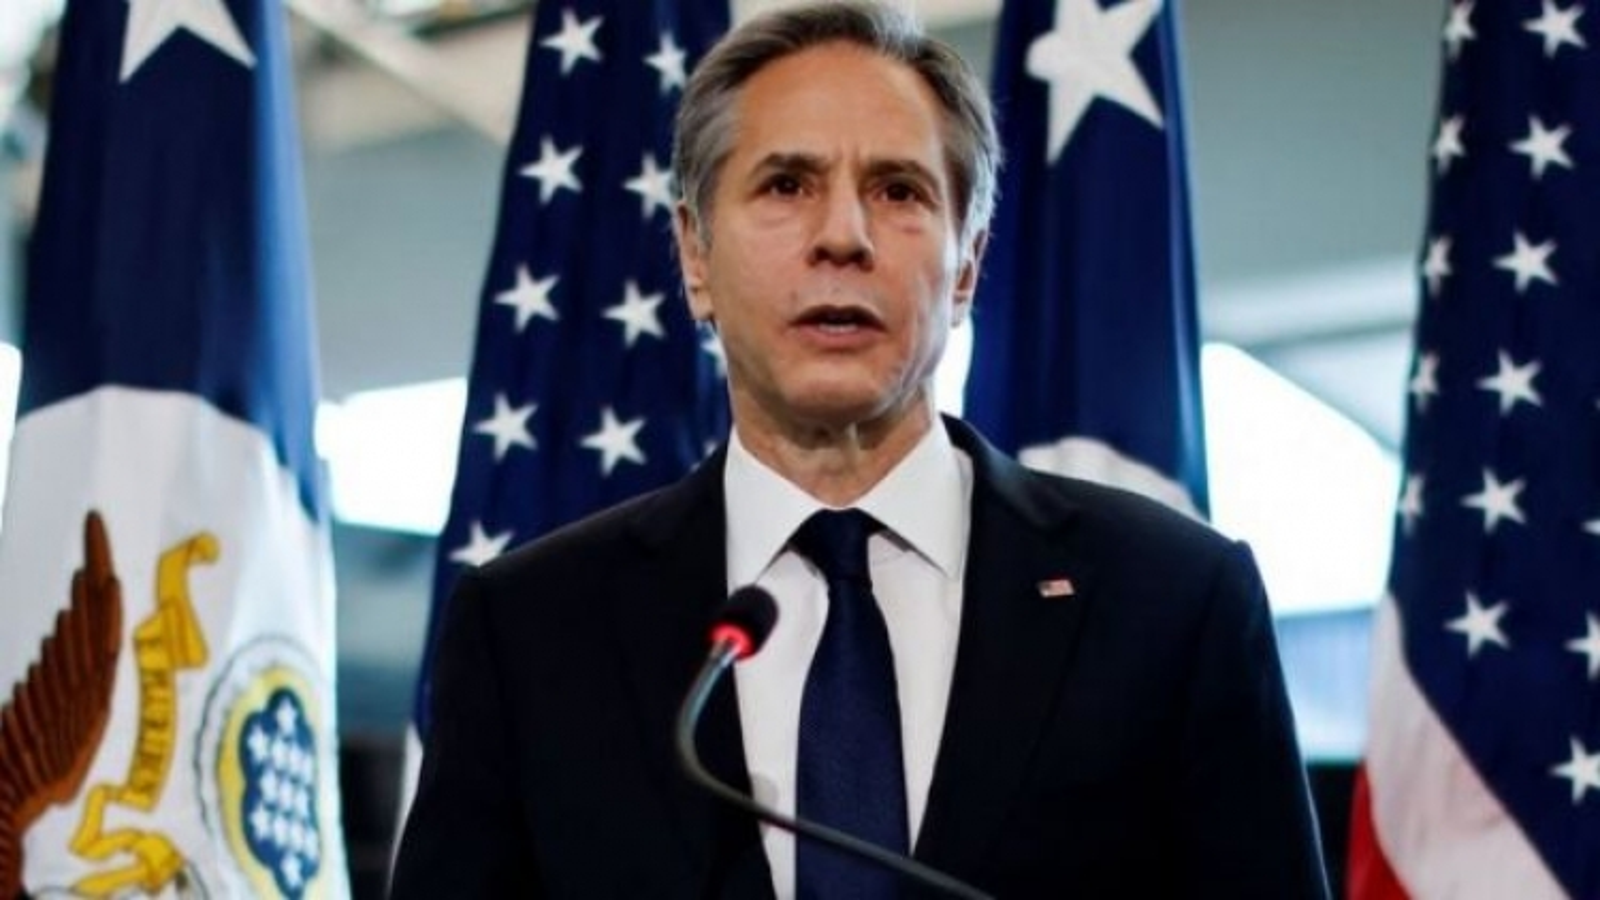 """Ngoại trưởng Blinken: Mỹ mong muốn có mối quan hệ """"ổn định"""" hơn với Nga"""